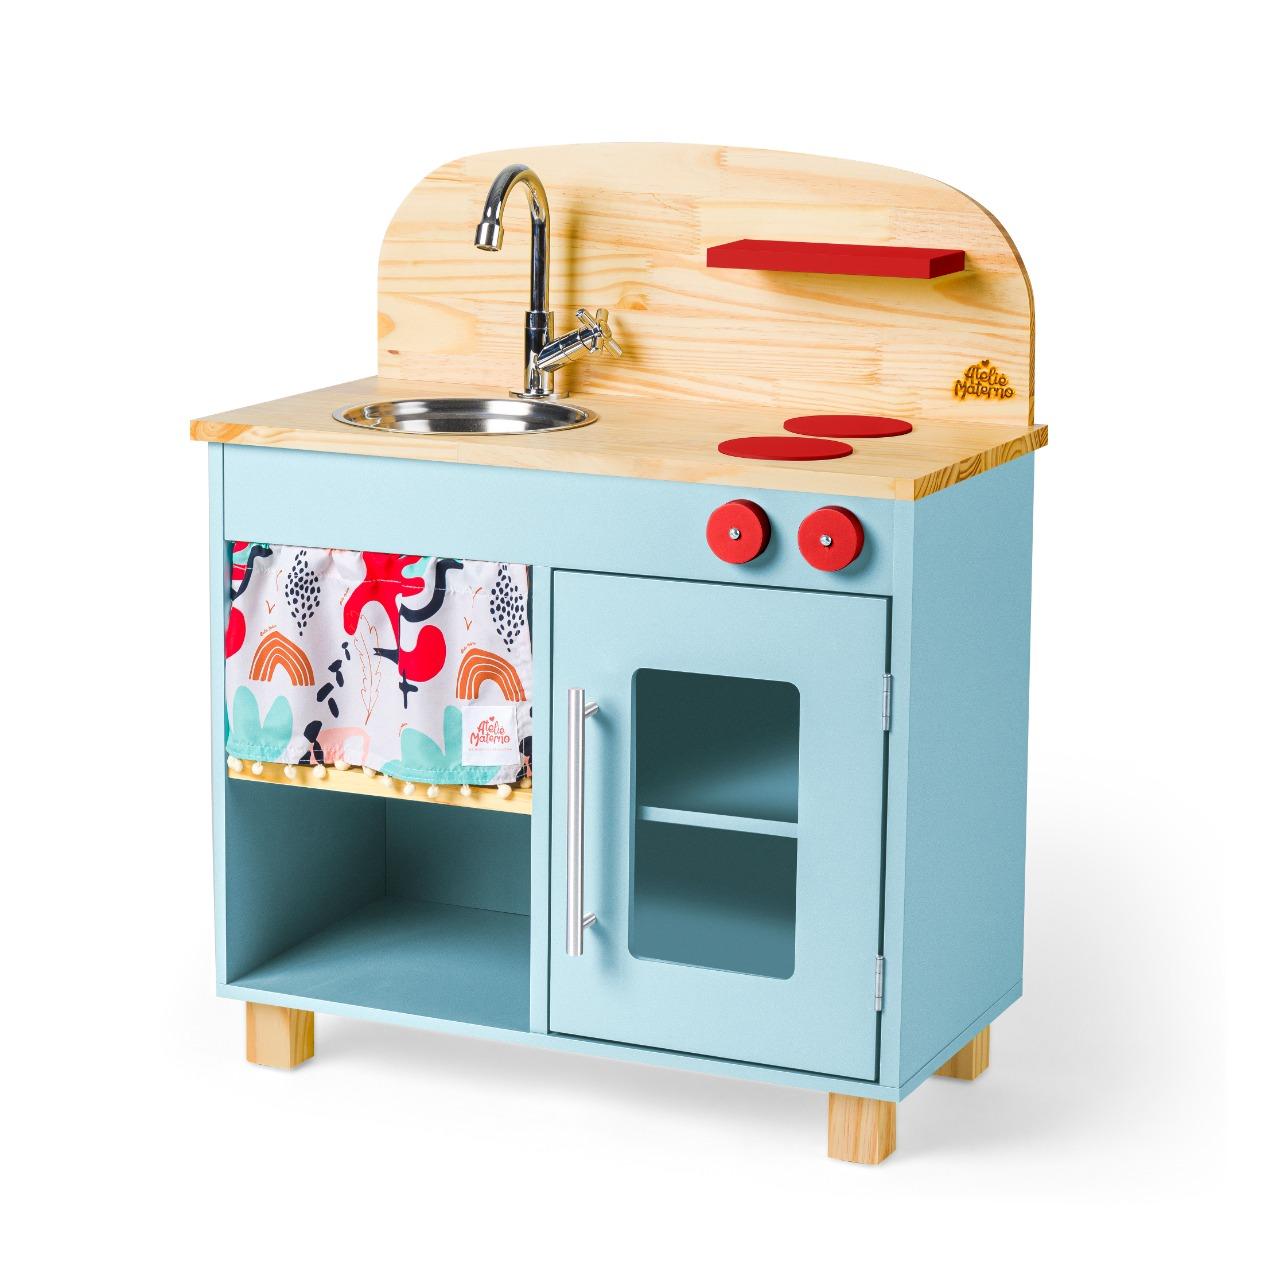 Mini Cozinha Infantil em Madeira Ateliê Materno - Azul Claro